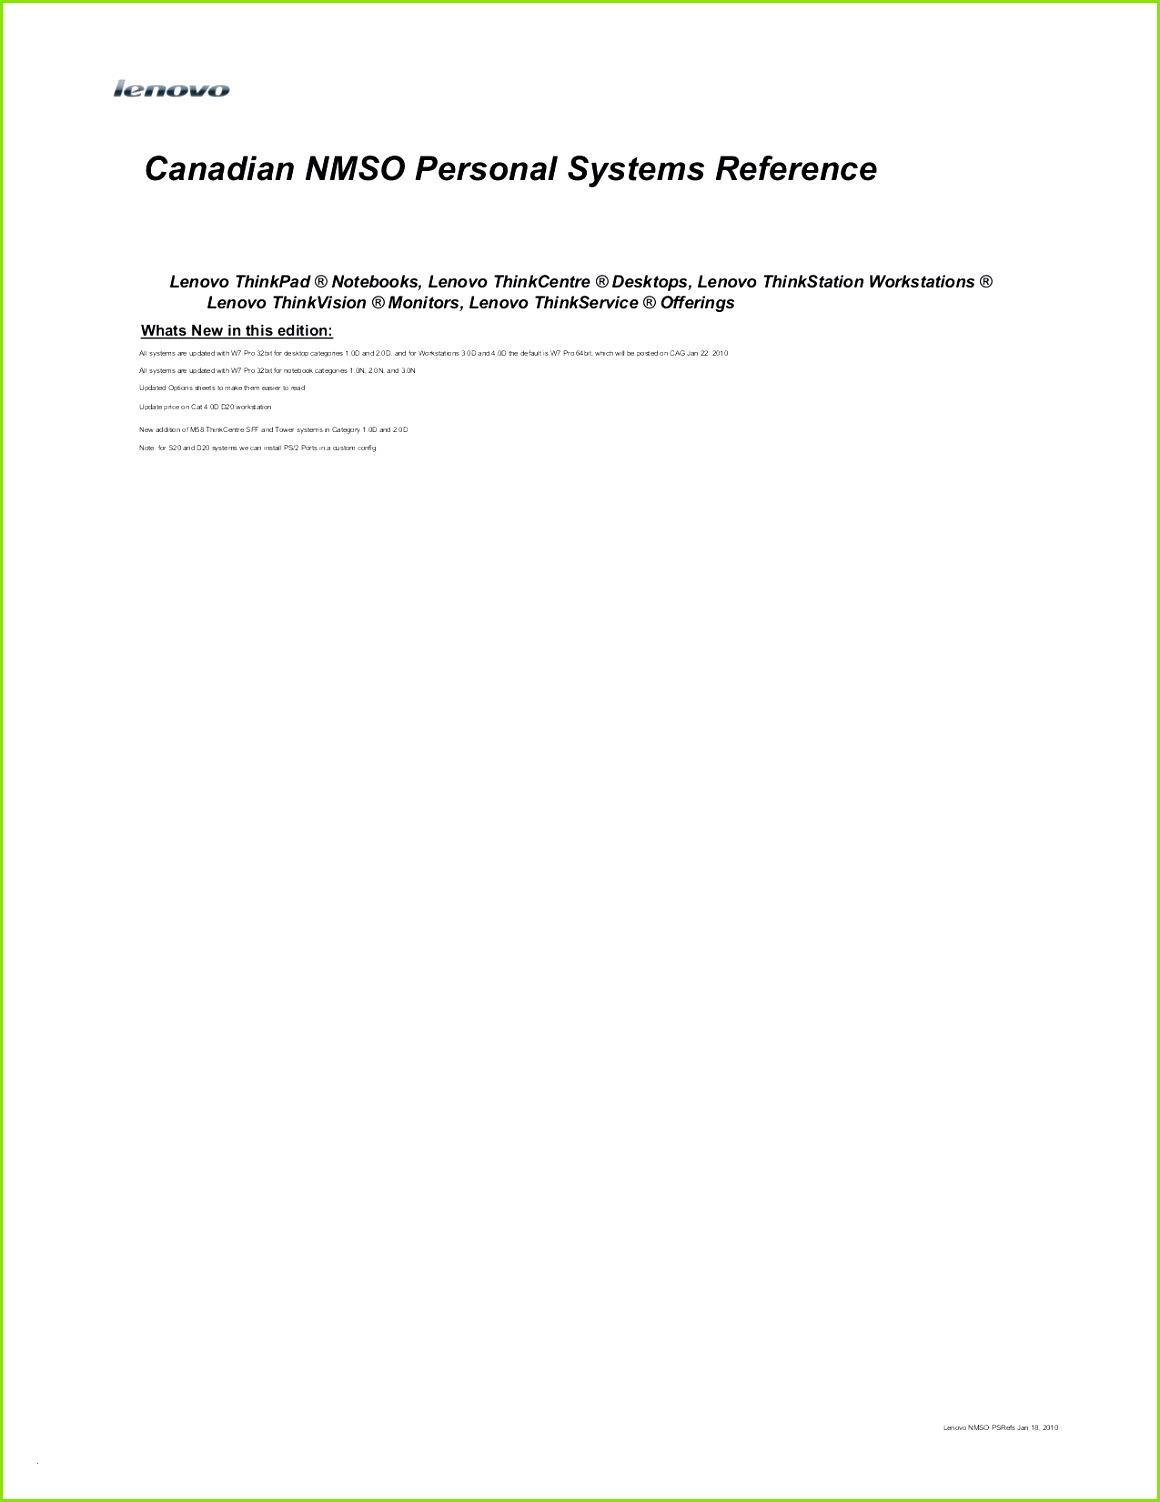 Deckblatt Vorlage Bewerbung Elegant Lebenslauf Auf Englisch Muster Genial Deckblatt Bewerbung Herunterladen